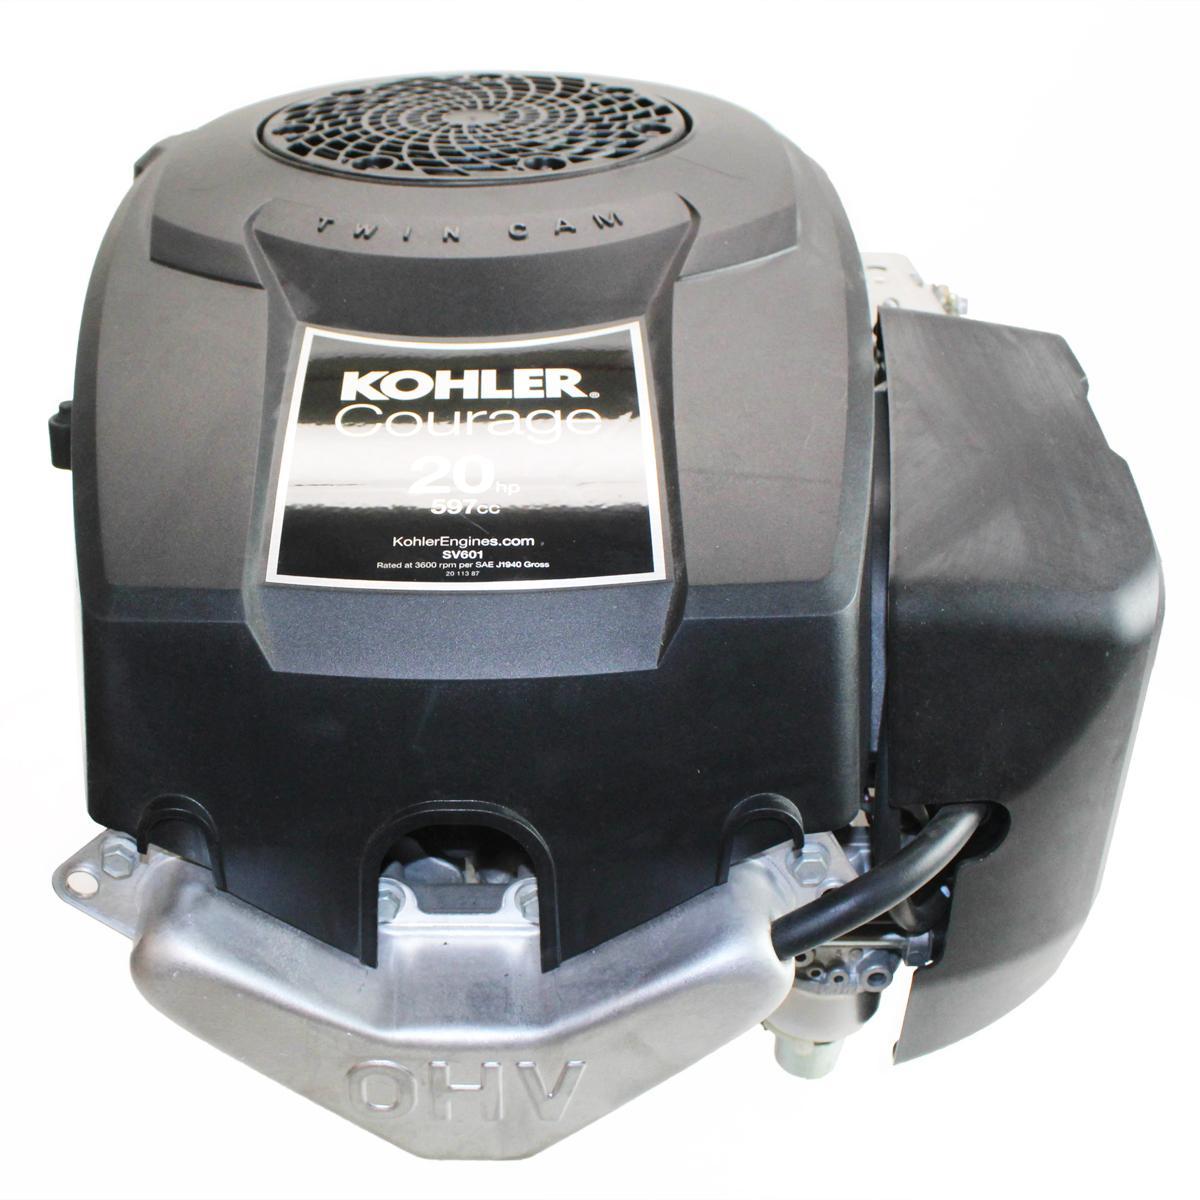 """20hp Courage Vertical 1"""" x 3 5/32"""" Shaft, OHV,  Oil Filter, Electric Start, 15 Amp Alternator, (No Fuel Pump) Kohler Engine"""